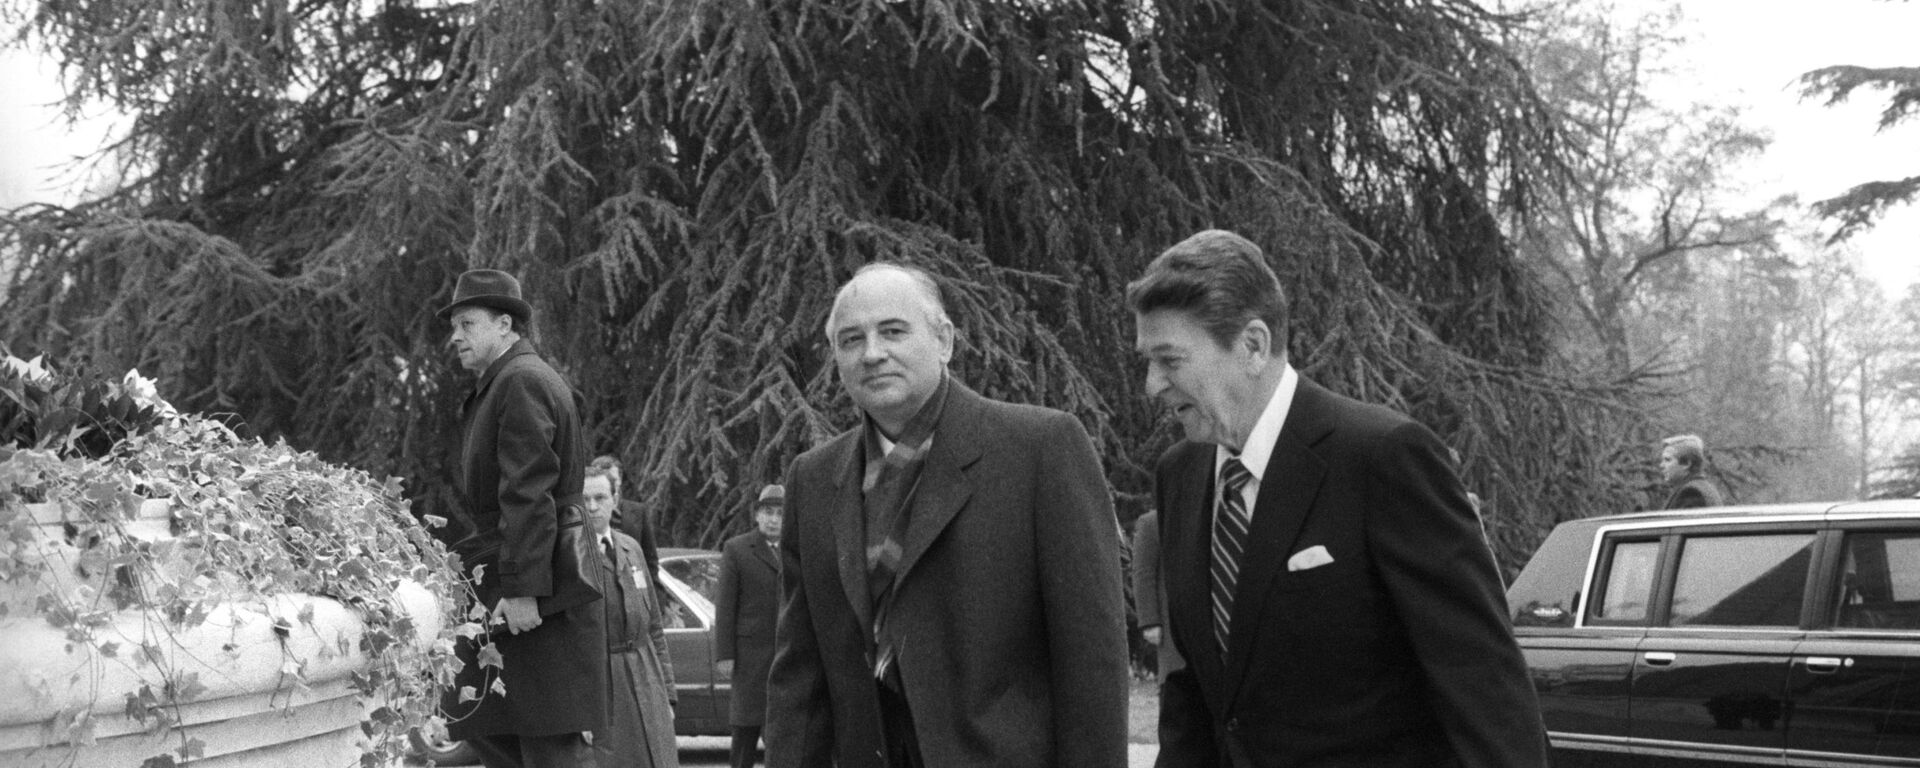 Reunión entre Gorbachov y Reagan en Ginebra (1985) - Sputnik Mundo, 1920, 20.11.2020